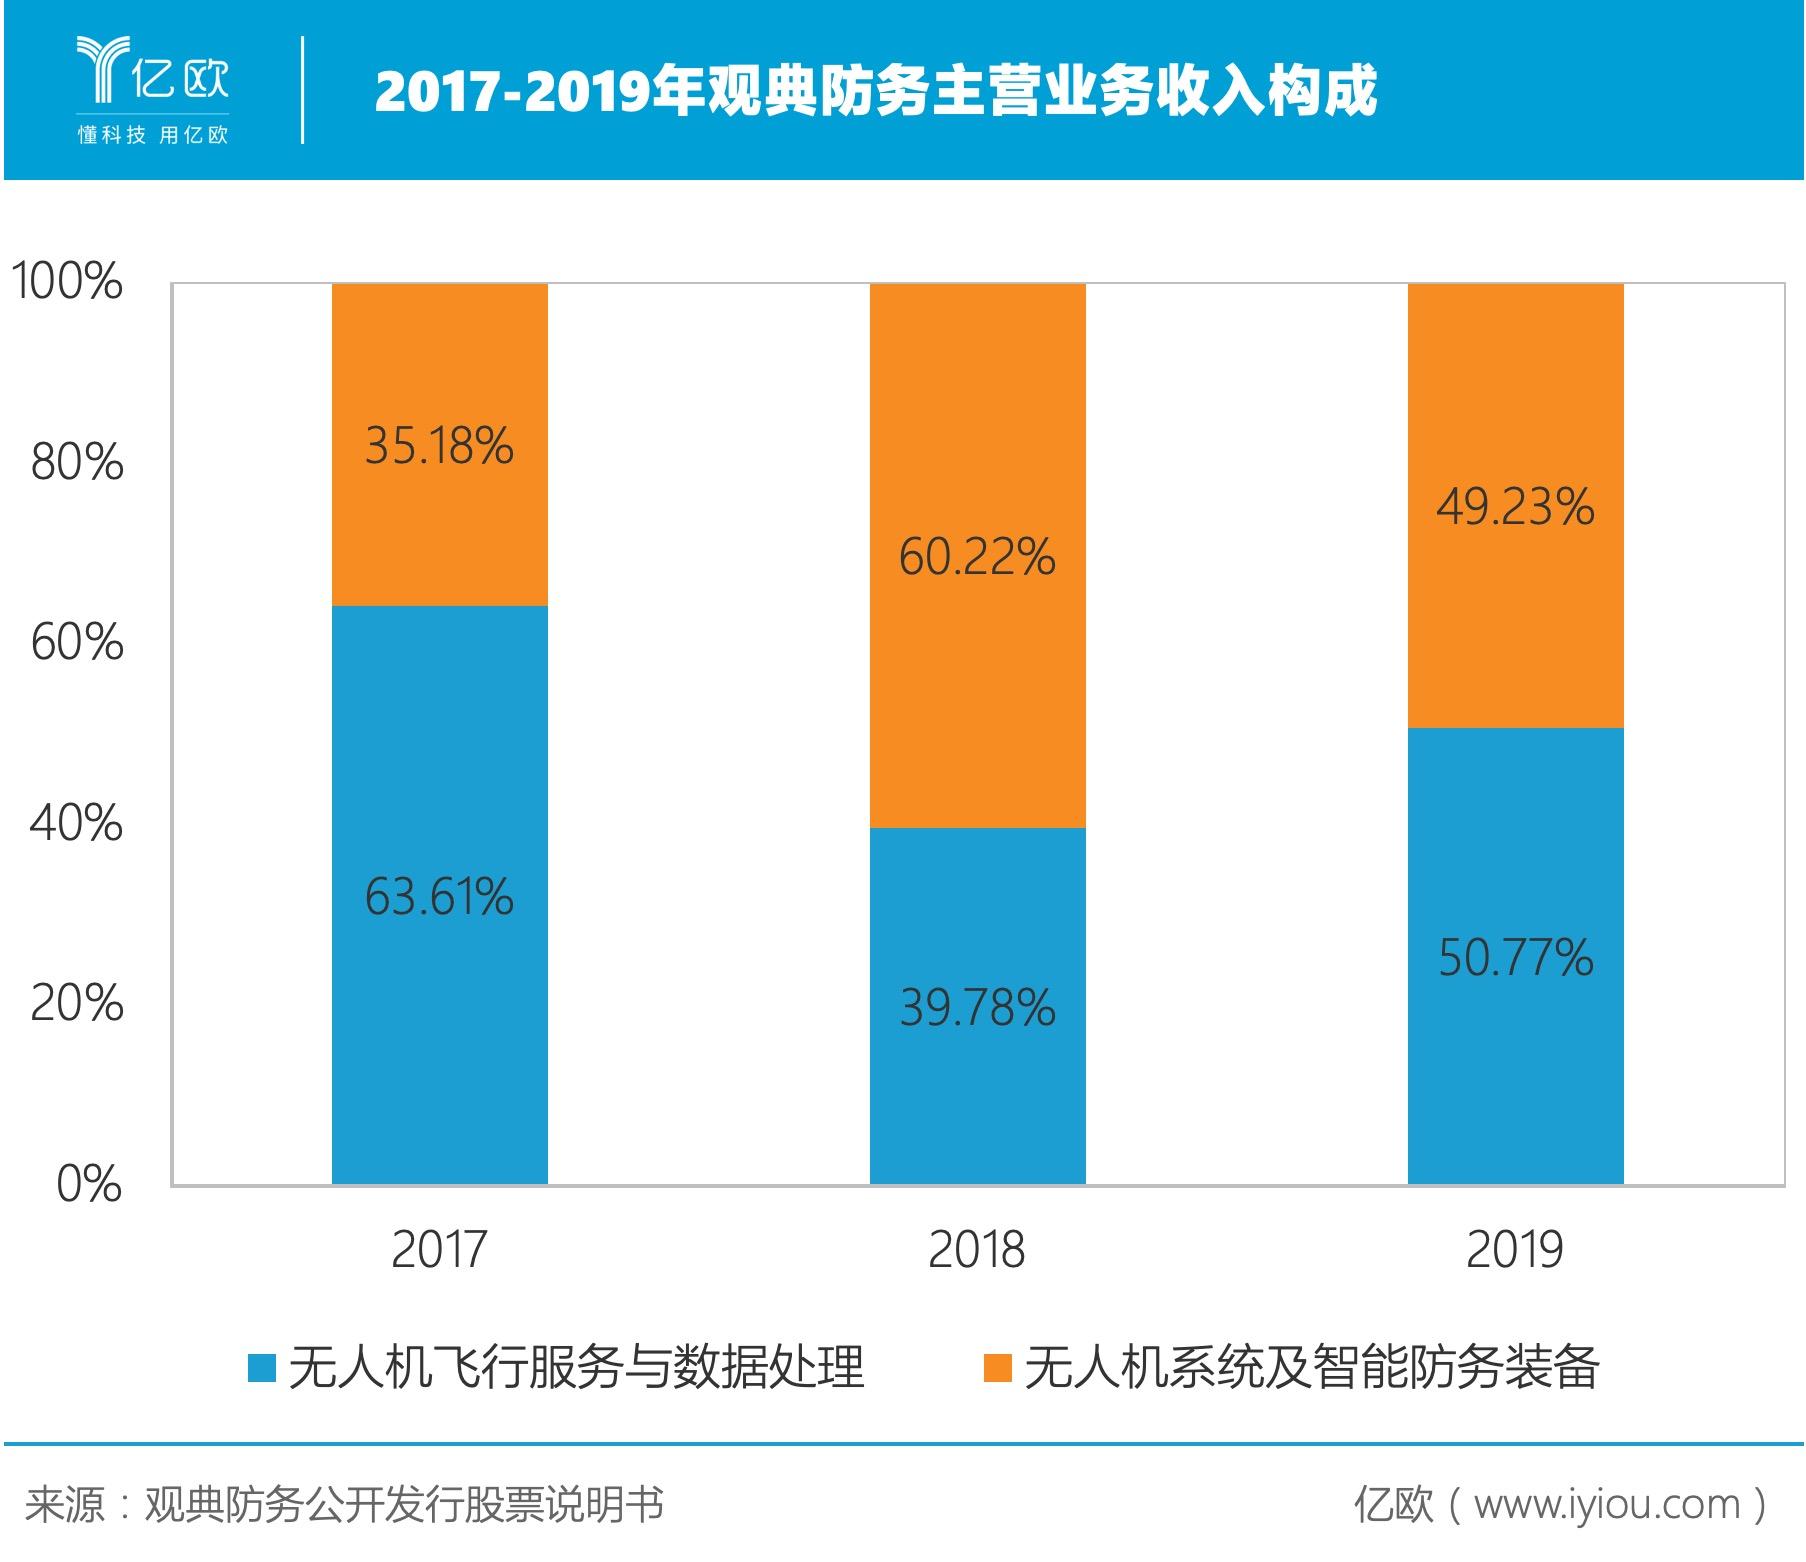 2017-2019年观典防务主营业务收入构成.jpeg